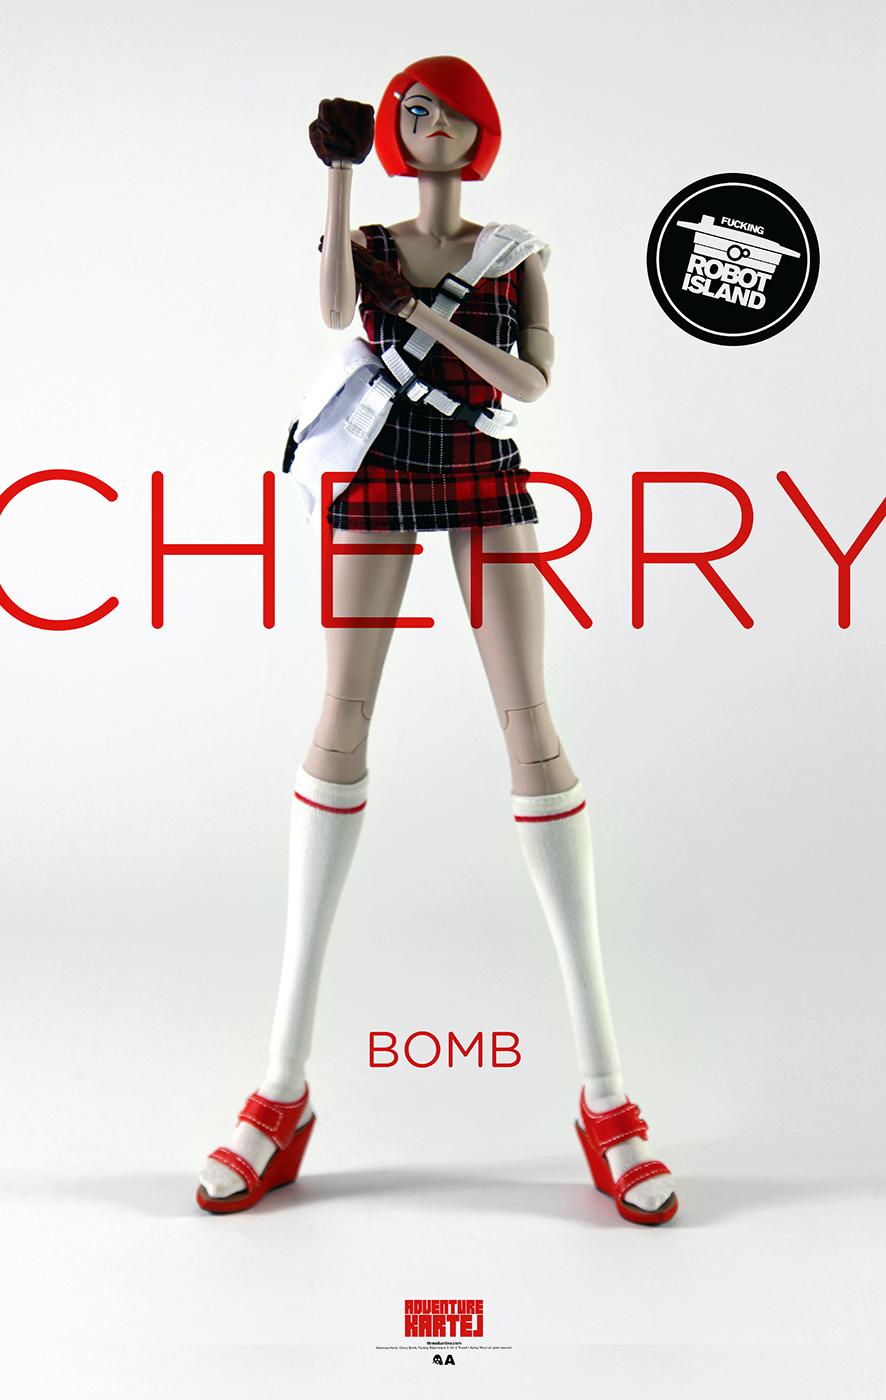 Cerry Bomb